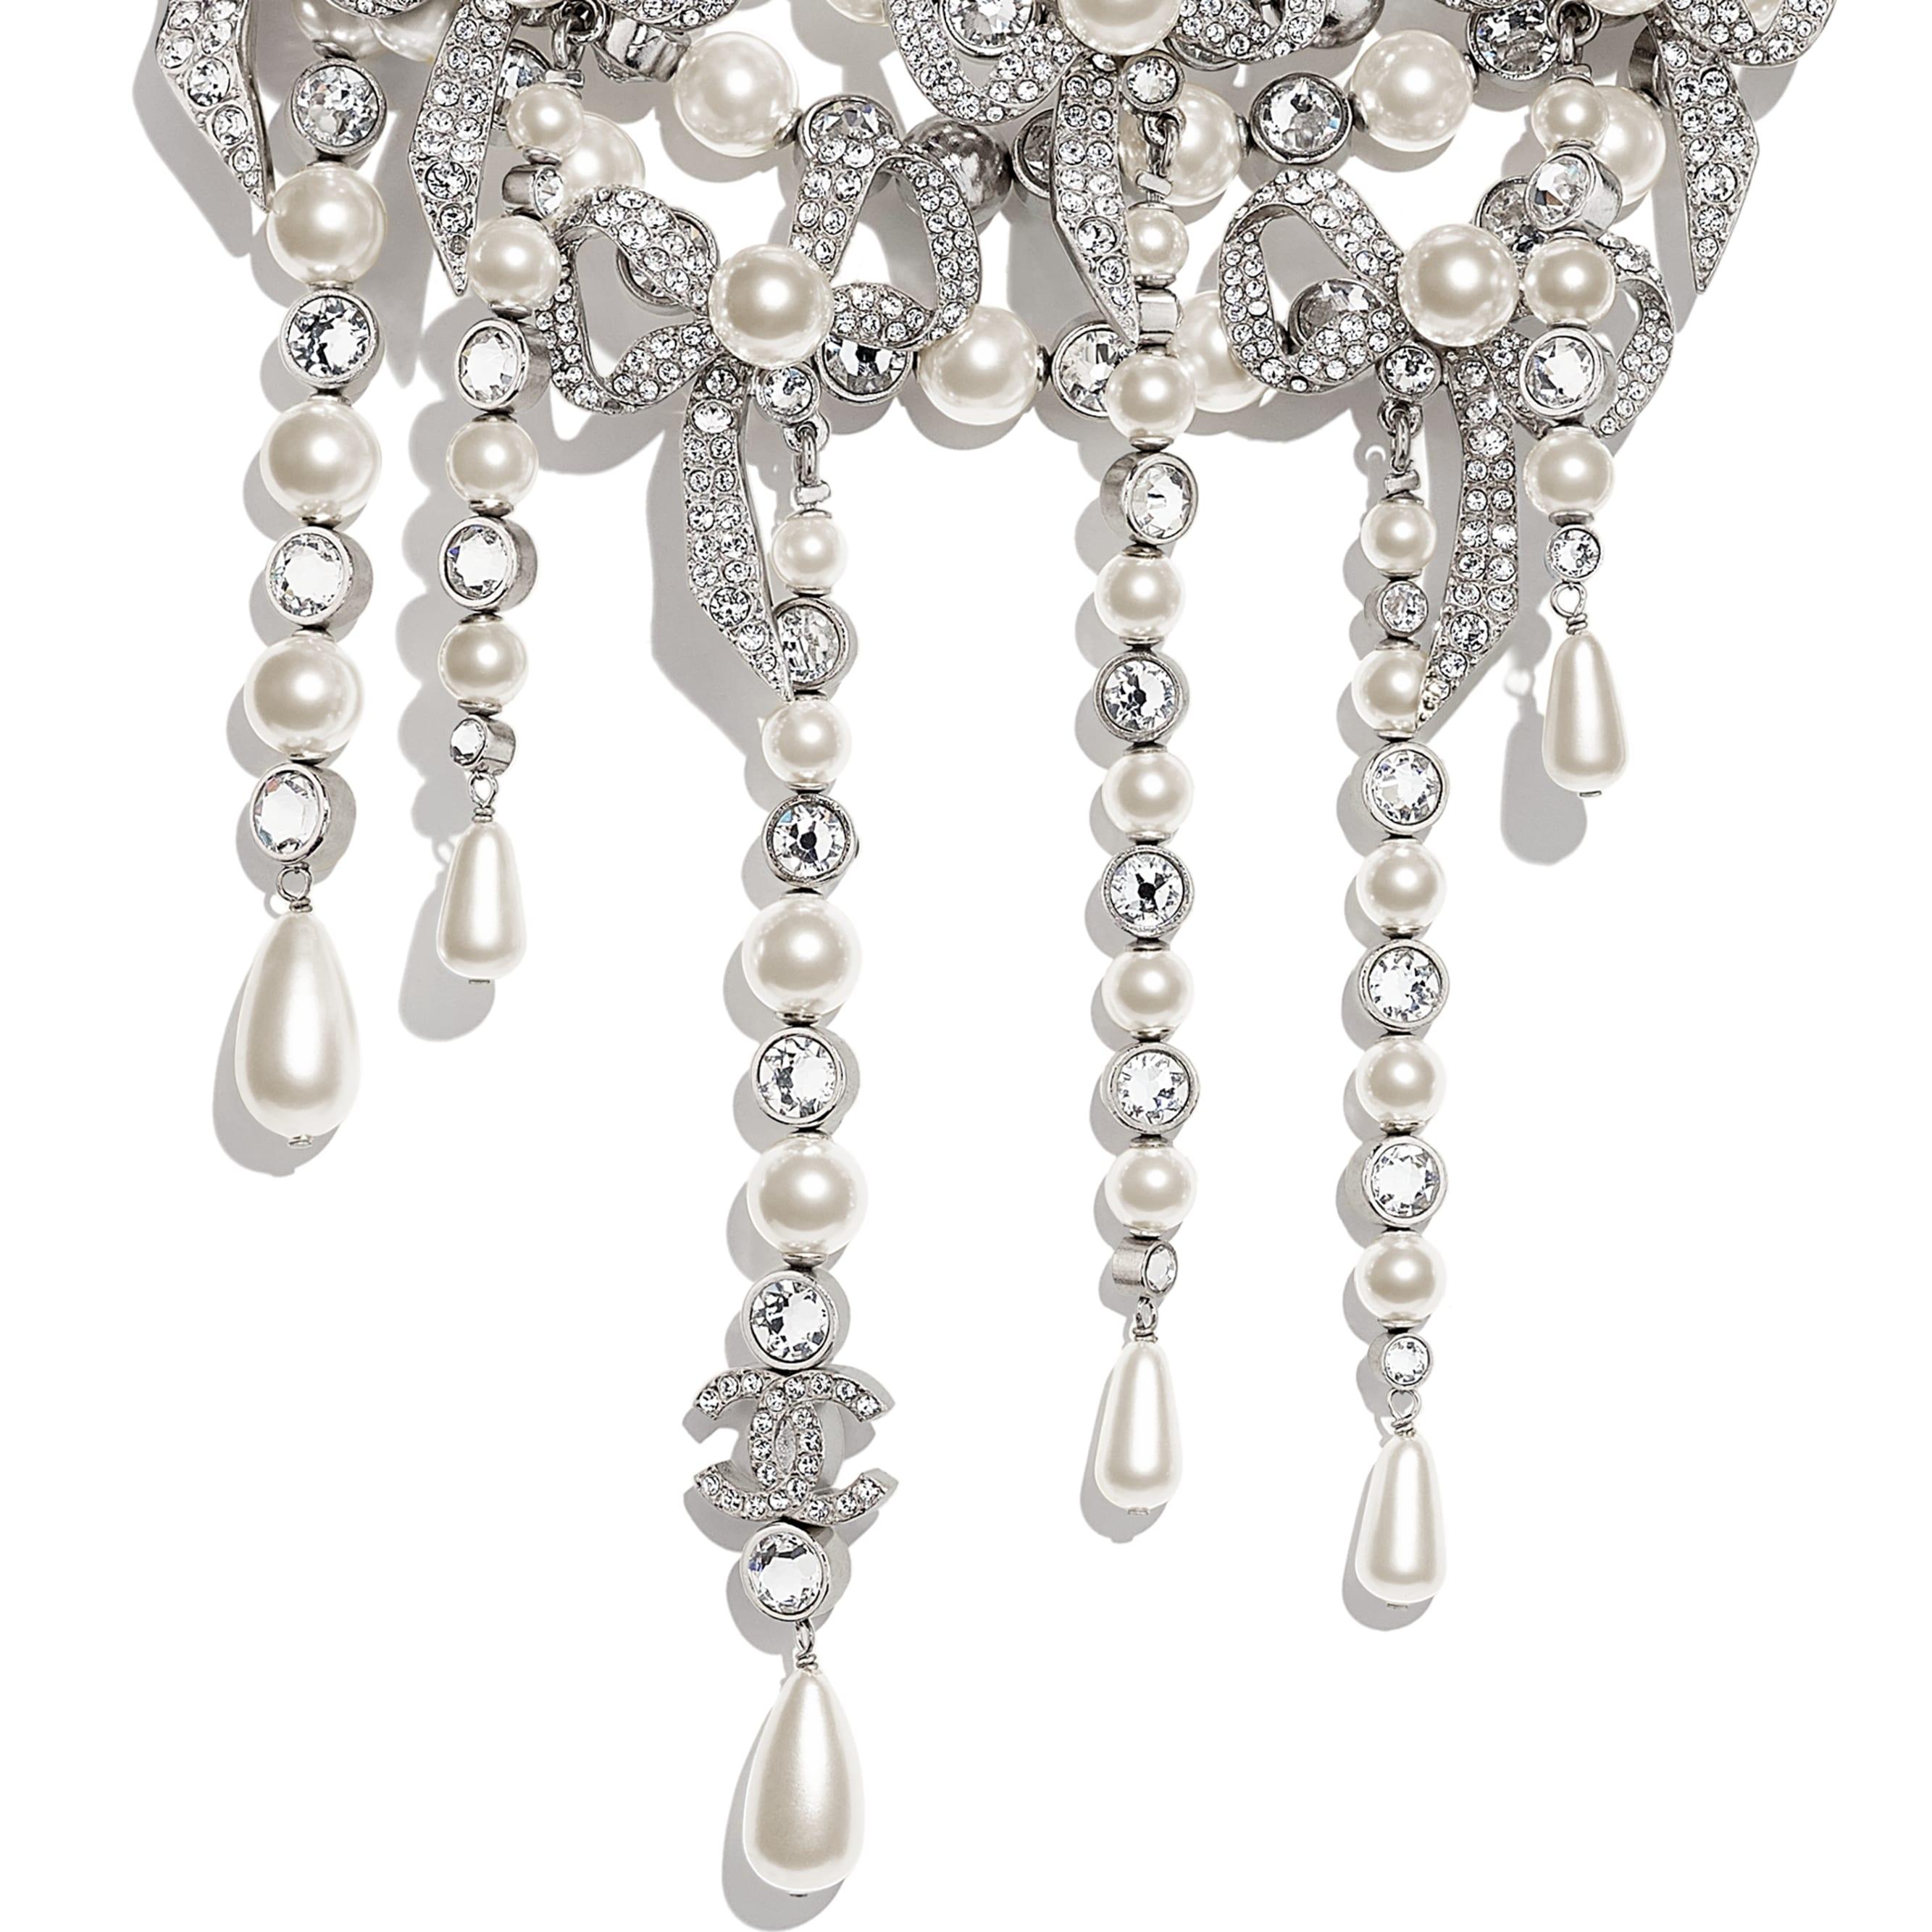 Collier - Argenté, blanc nacré & cristal - Métal, perles de verre & strass - CHANEL - Autre vue - voir la version taille standard